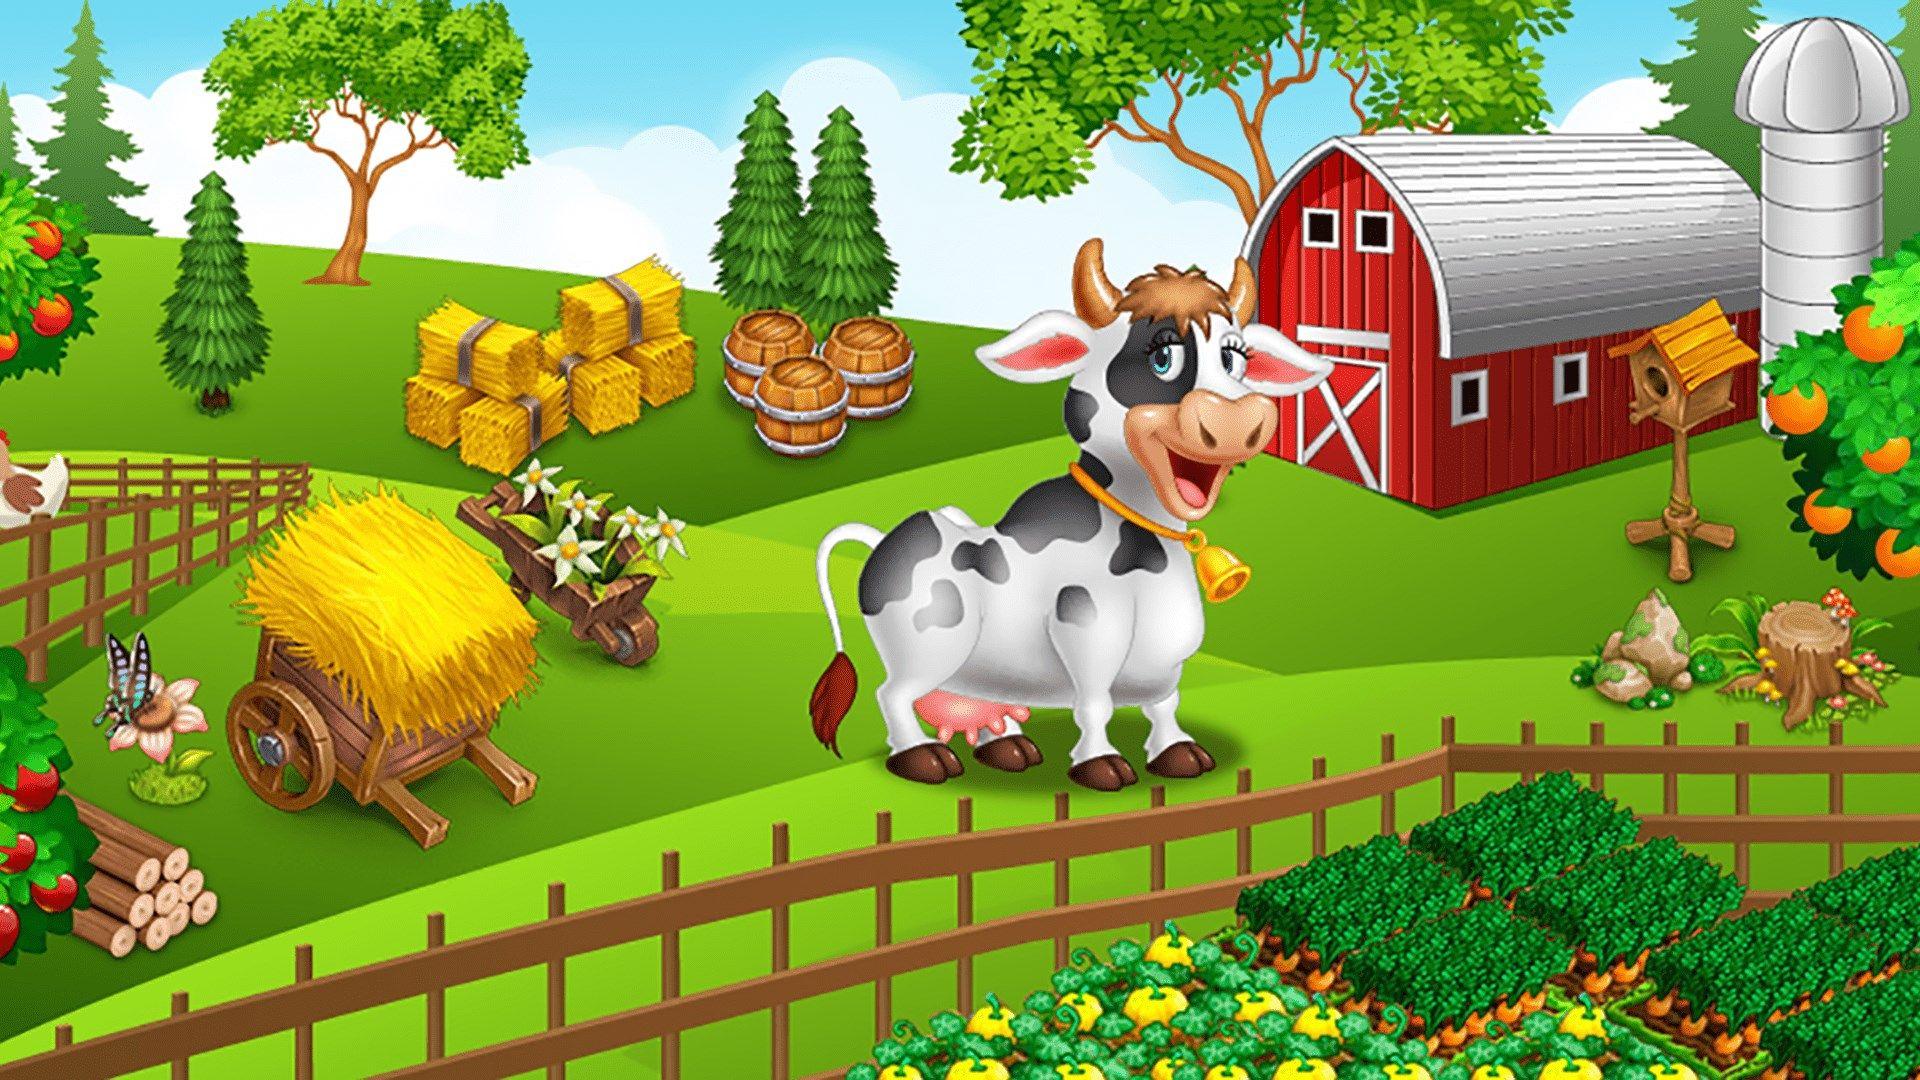 وانتهت الحكاية لعبة المزرعة السعيدة التي أحبها الملايين لن تكون موجودة مع نهاية 2020 Farm Animal Costumes Farm Animals Animal Illustration